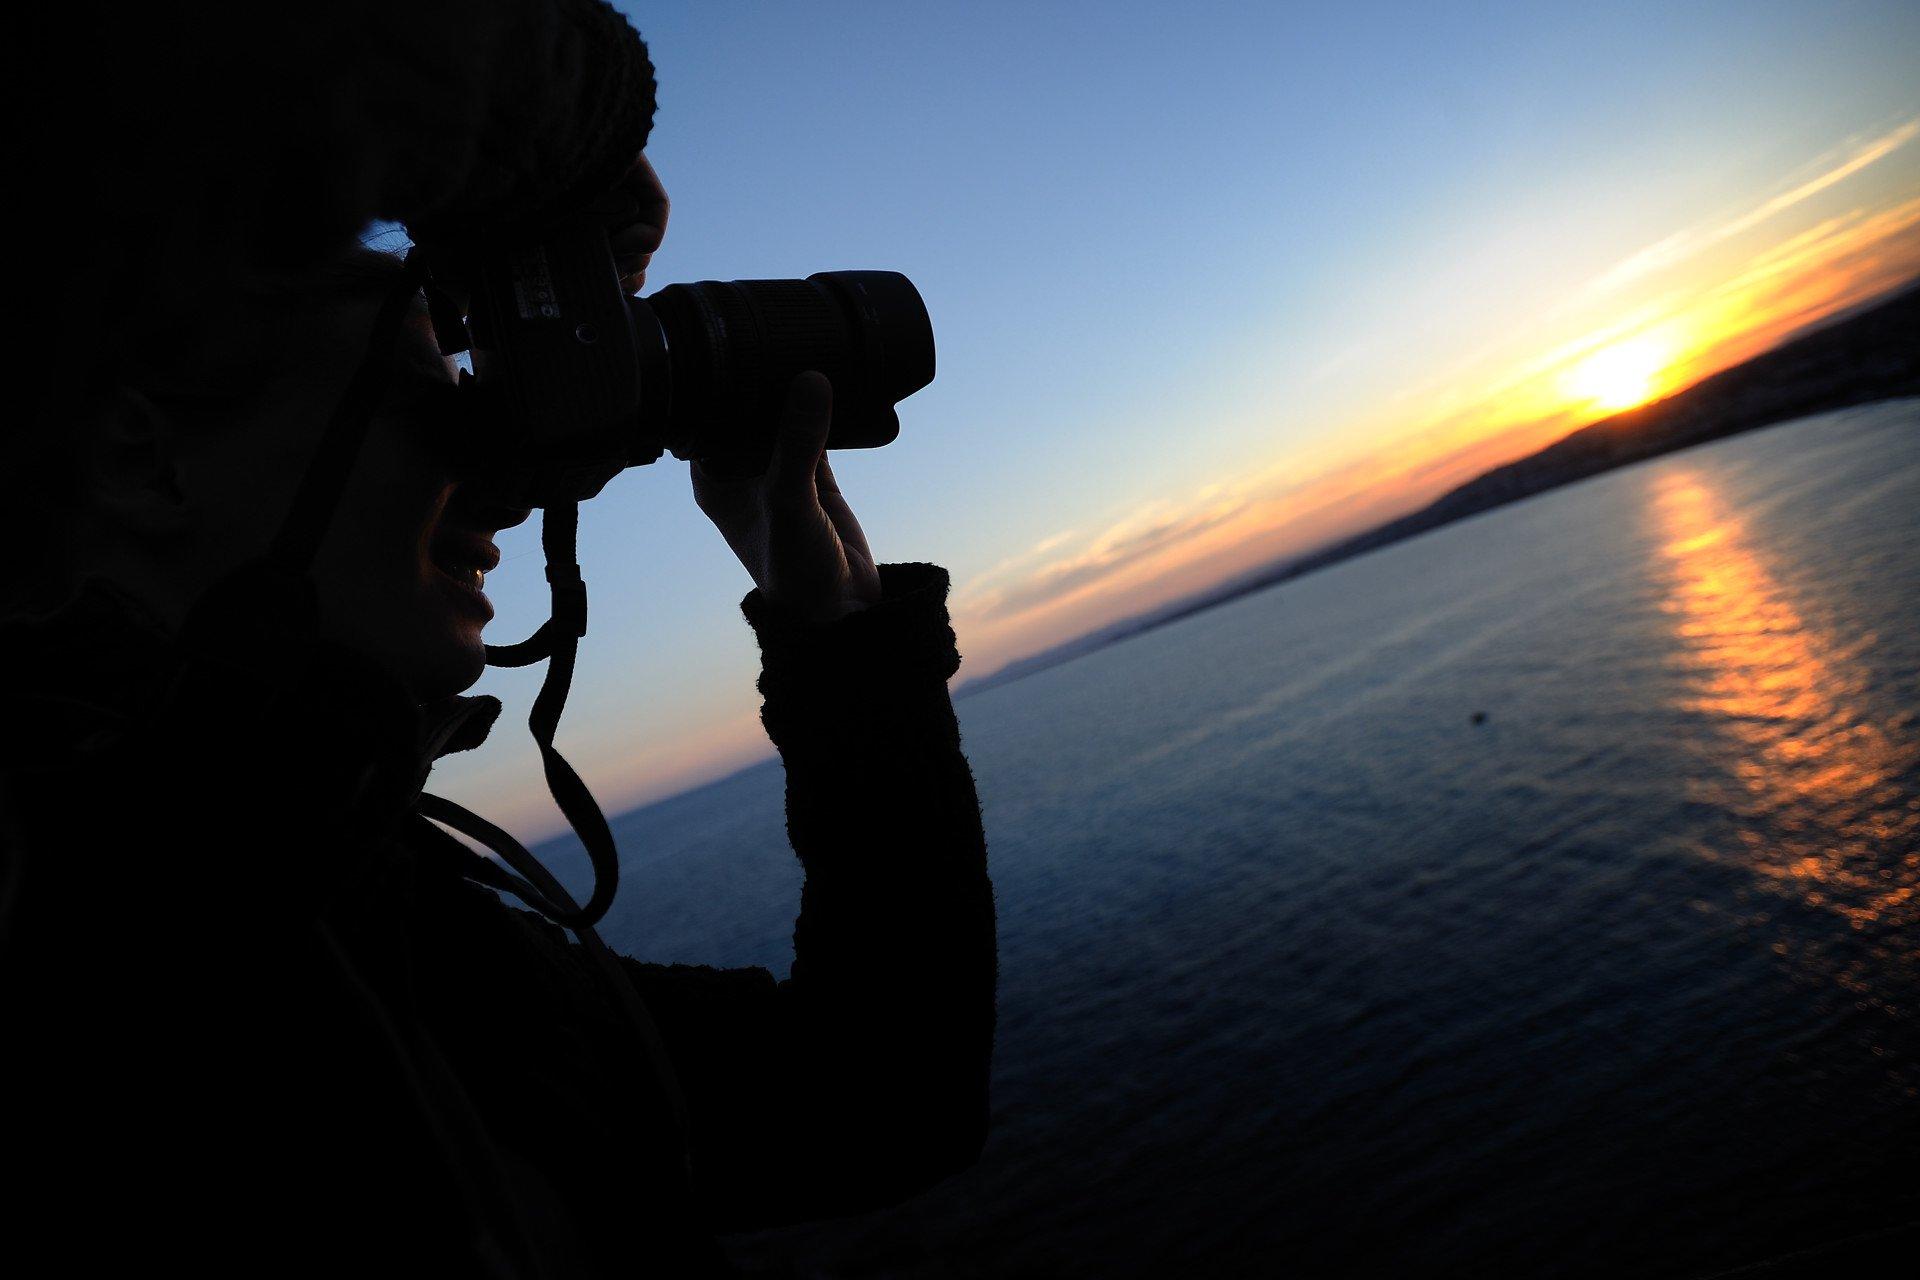 Statut juridique pour un photographe que choisir for Statut auteur photographe